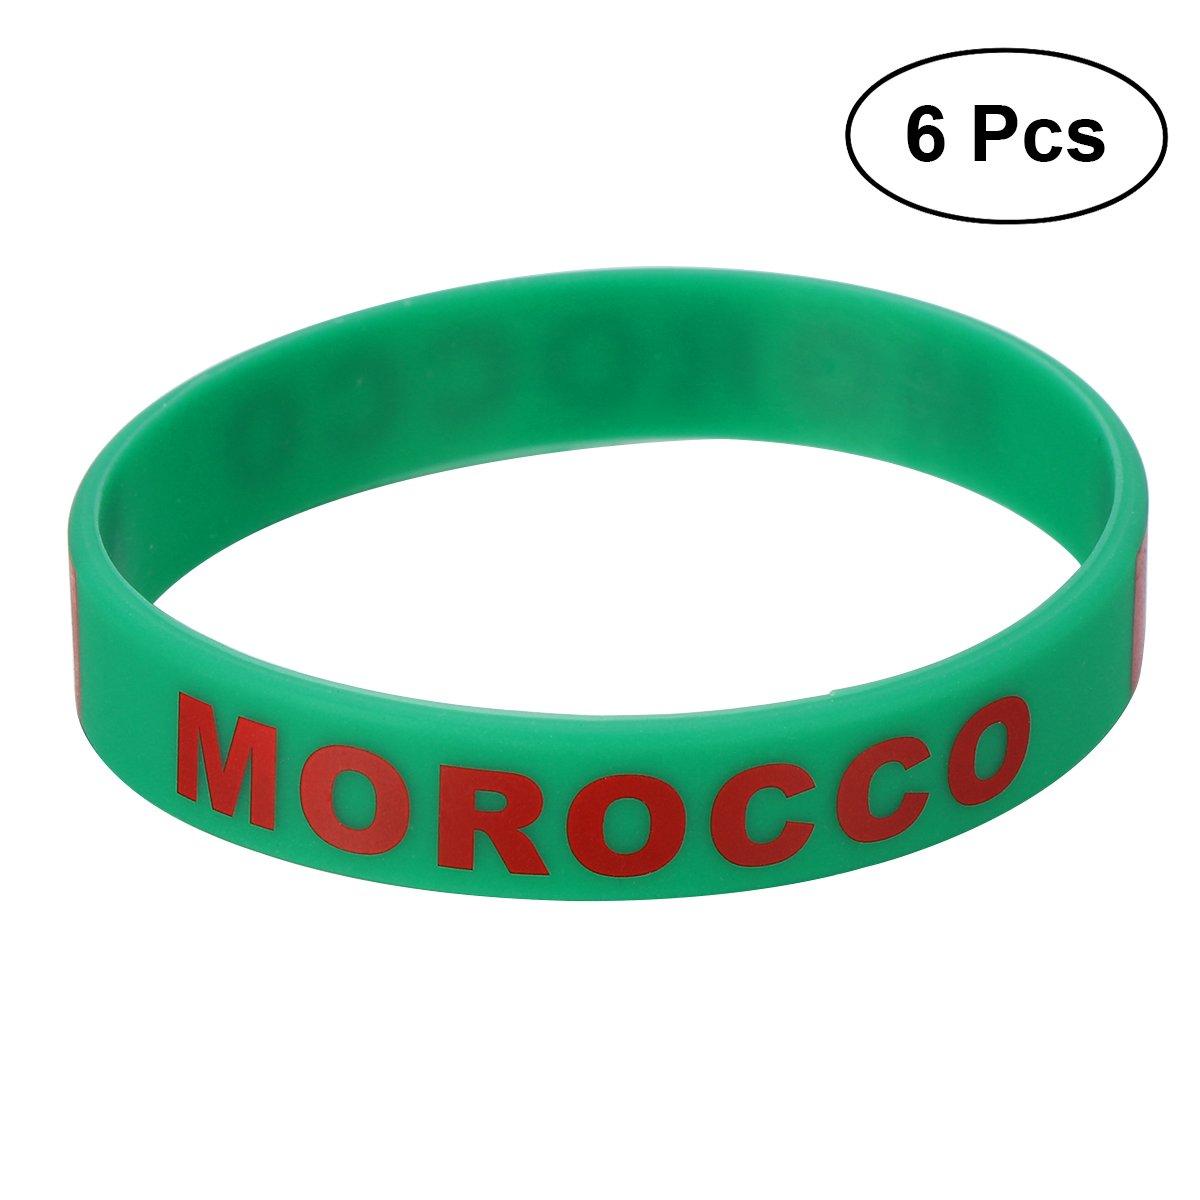 LUOEM Pulsera de silicona con pulsera de silicona inspirada Pulsera de moda con forma deportiva, Unisex Moda de adulto adolescente suprema para Copa Mundial 2018, Paquete de 6 (Marruecos)